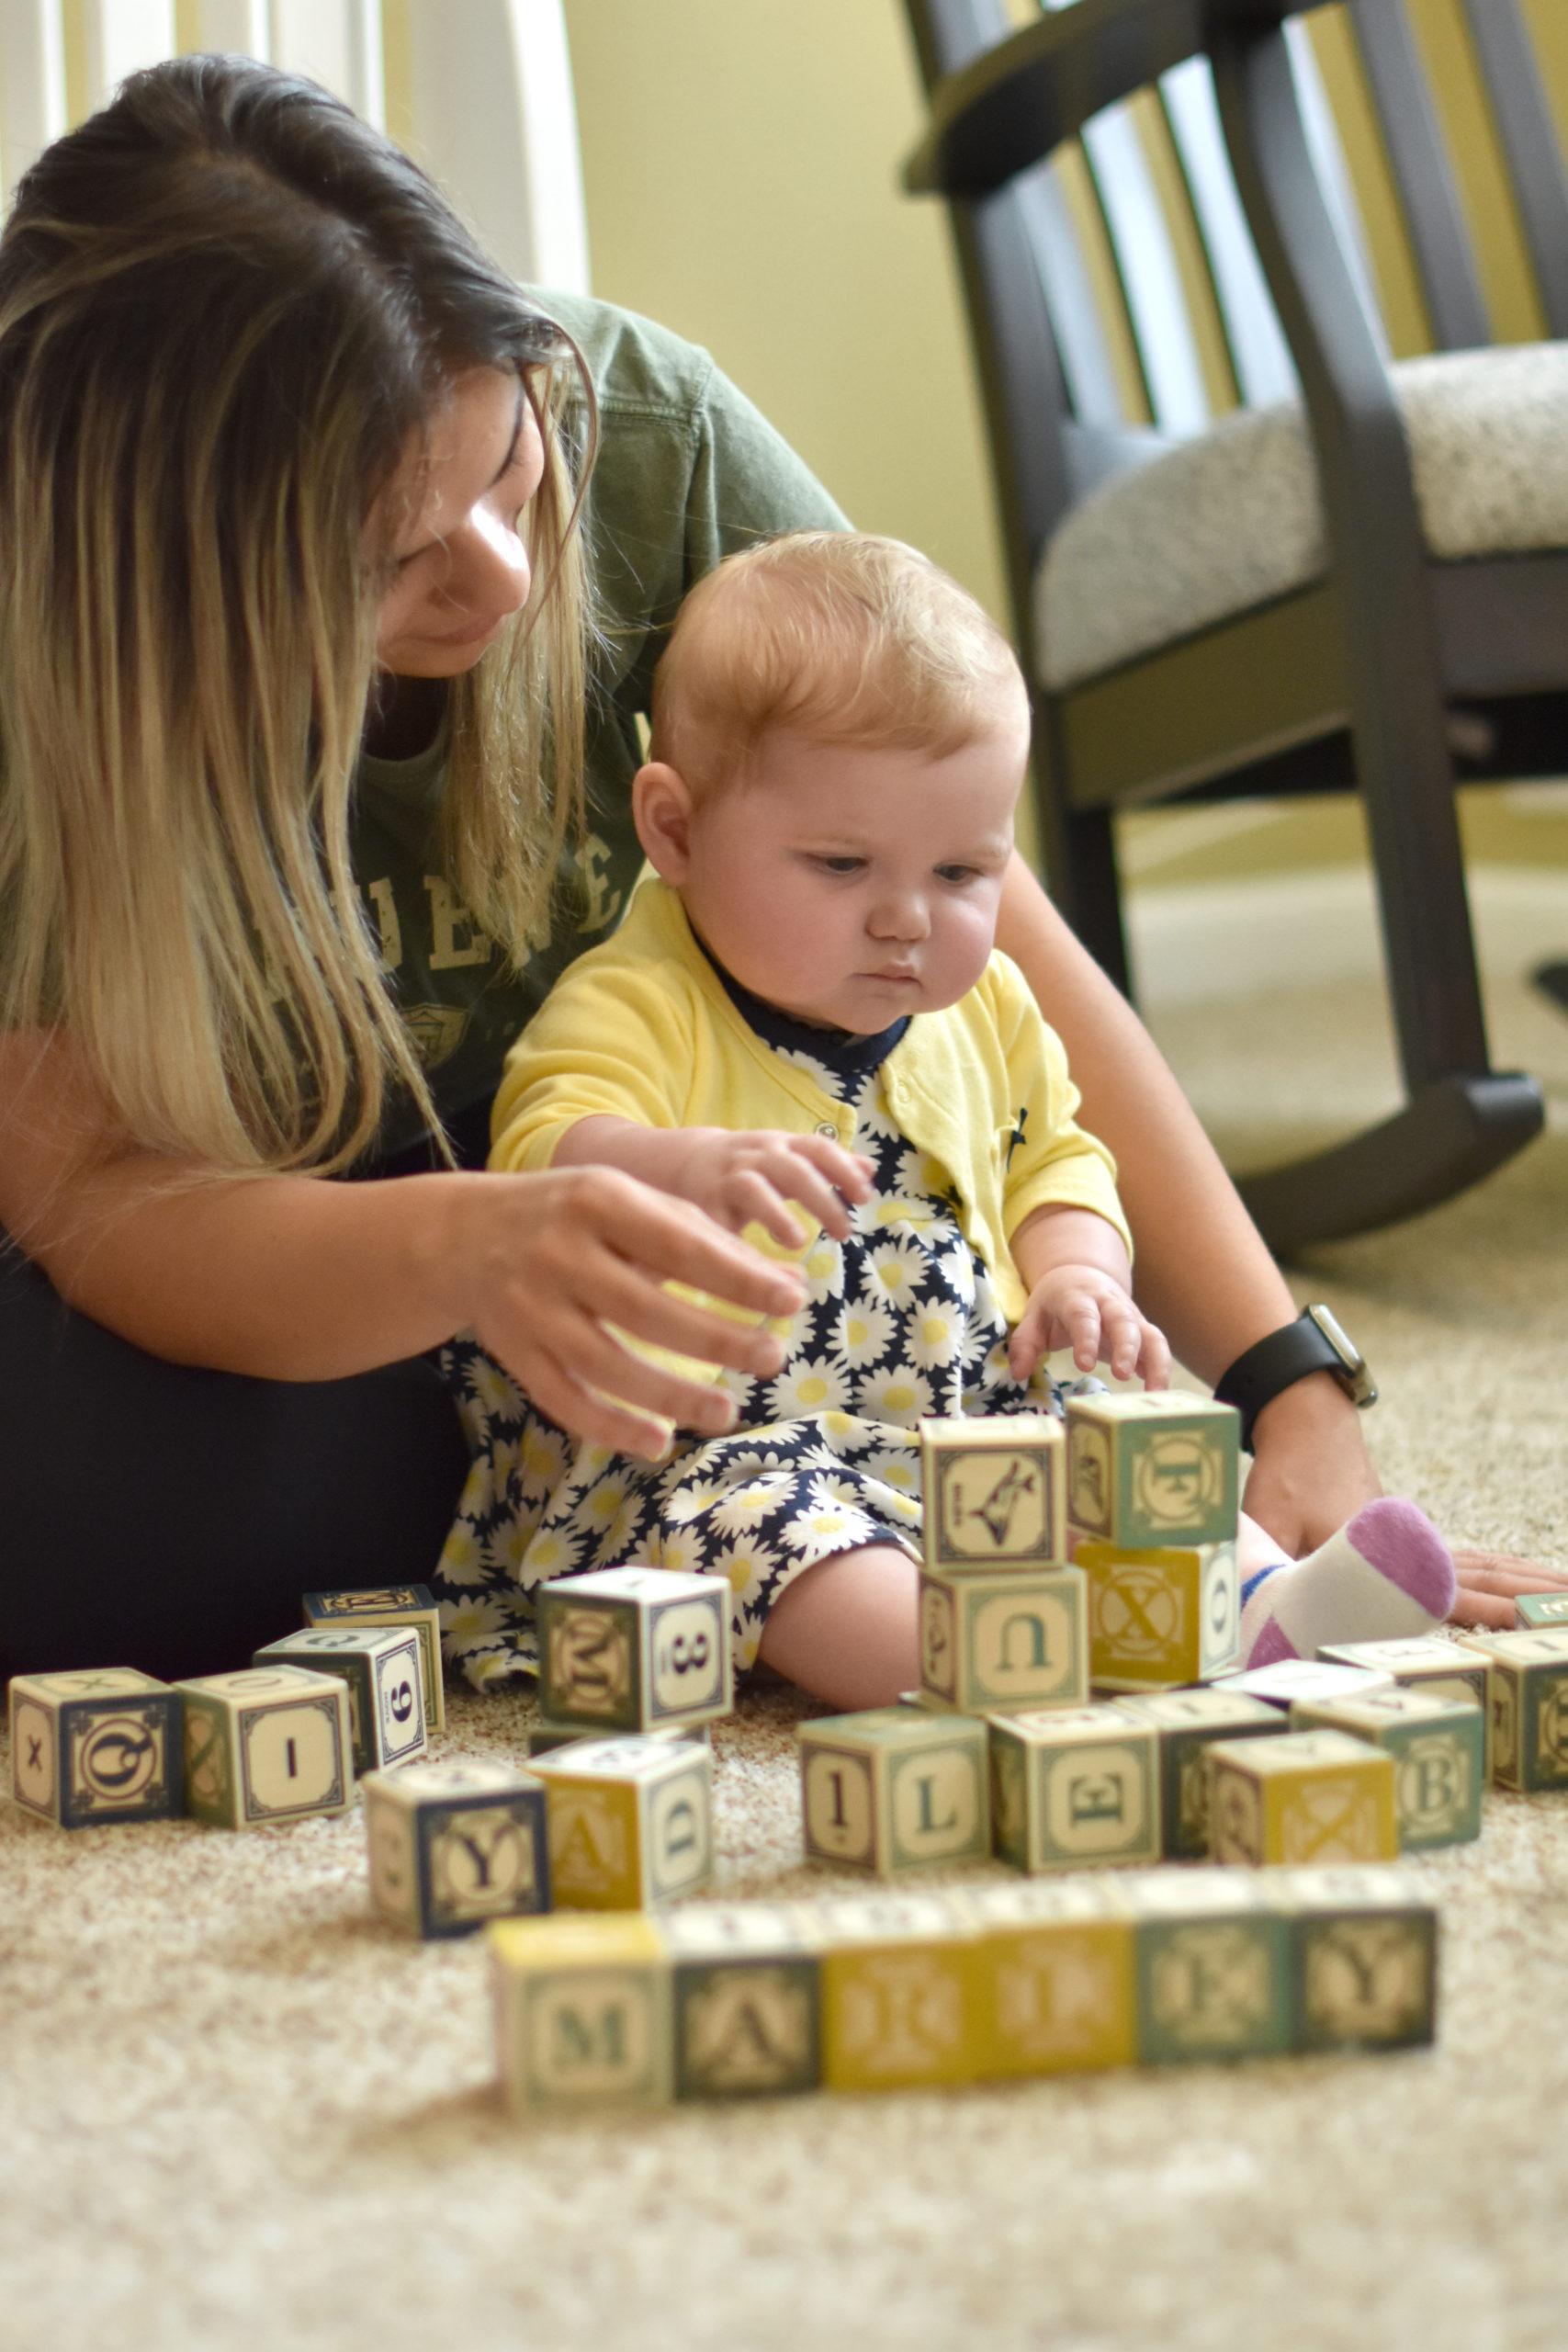 Au Pair and Host Child   Au Pair in America Photo Contest